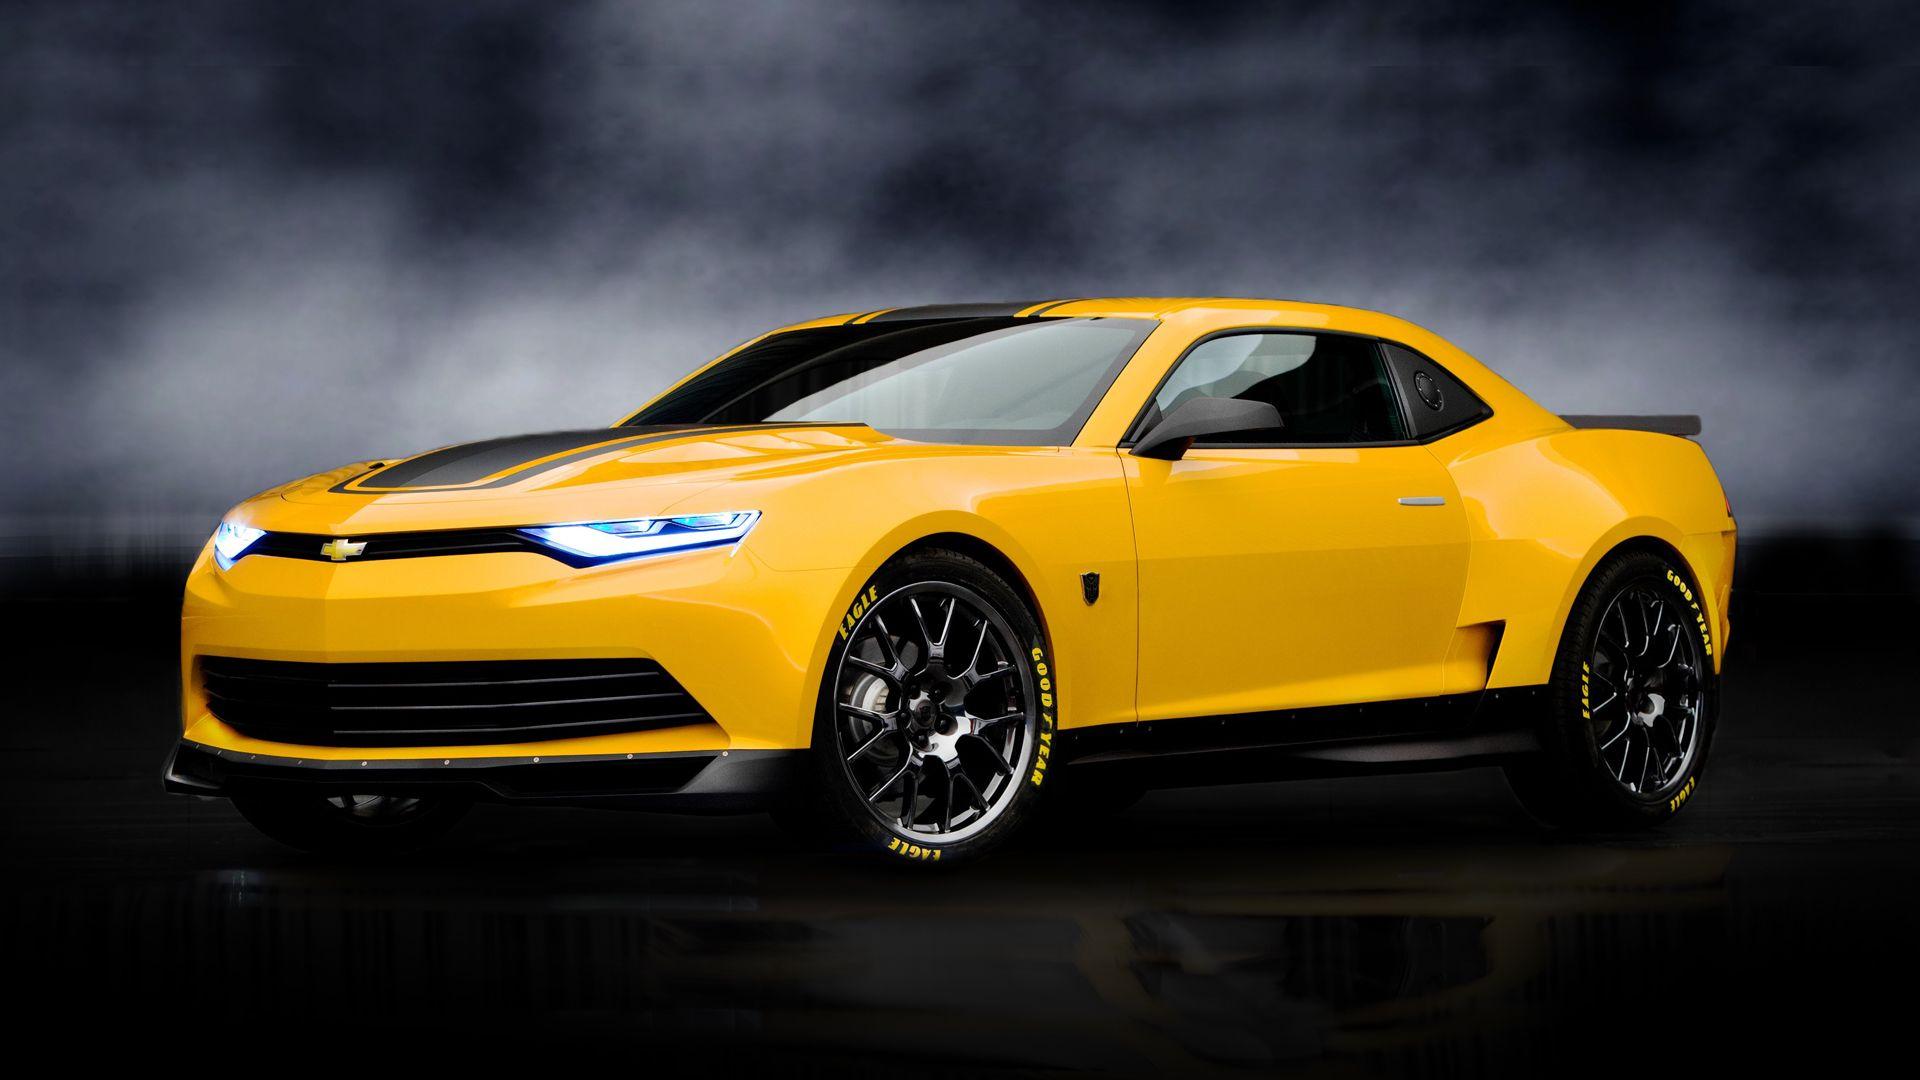 Transformers 4 Bumblebee Camaro Chevrolet Camaro Camaro Camaro Concept